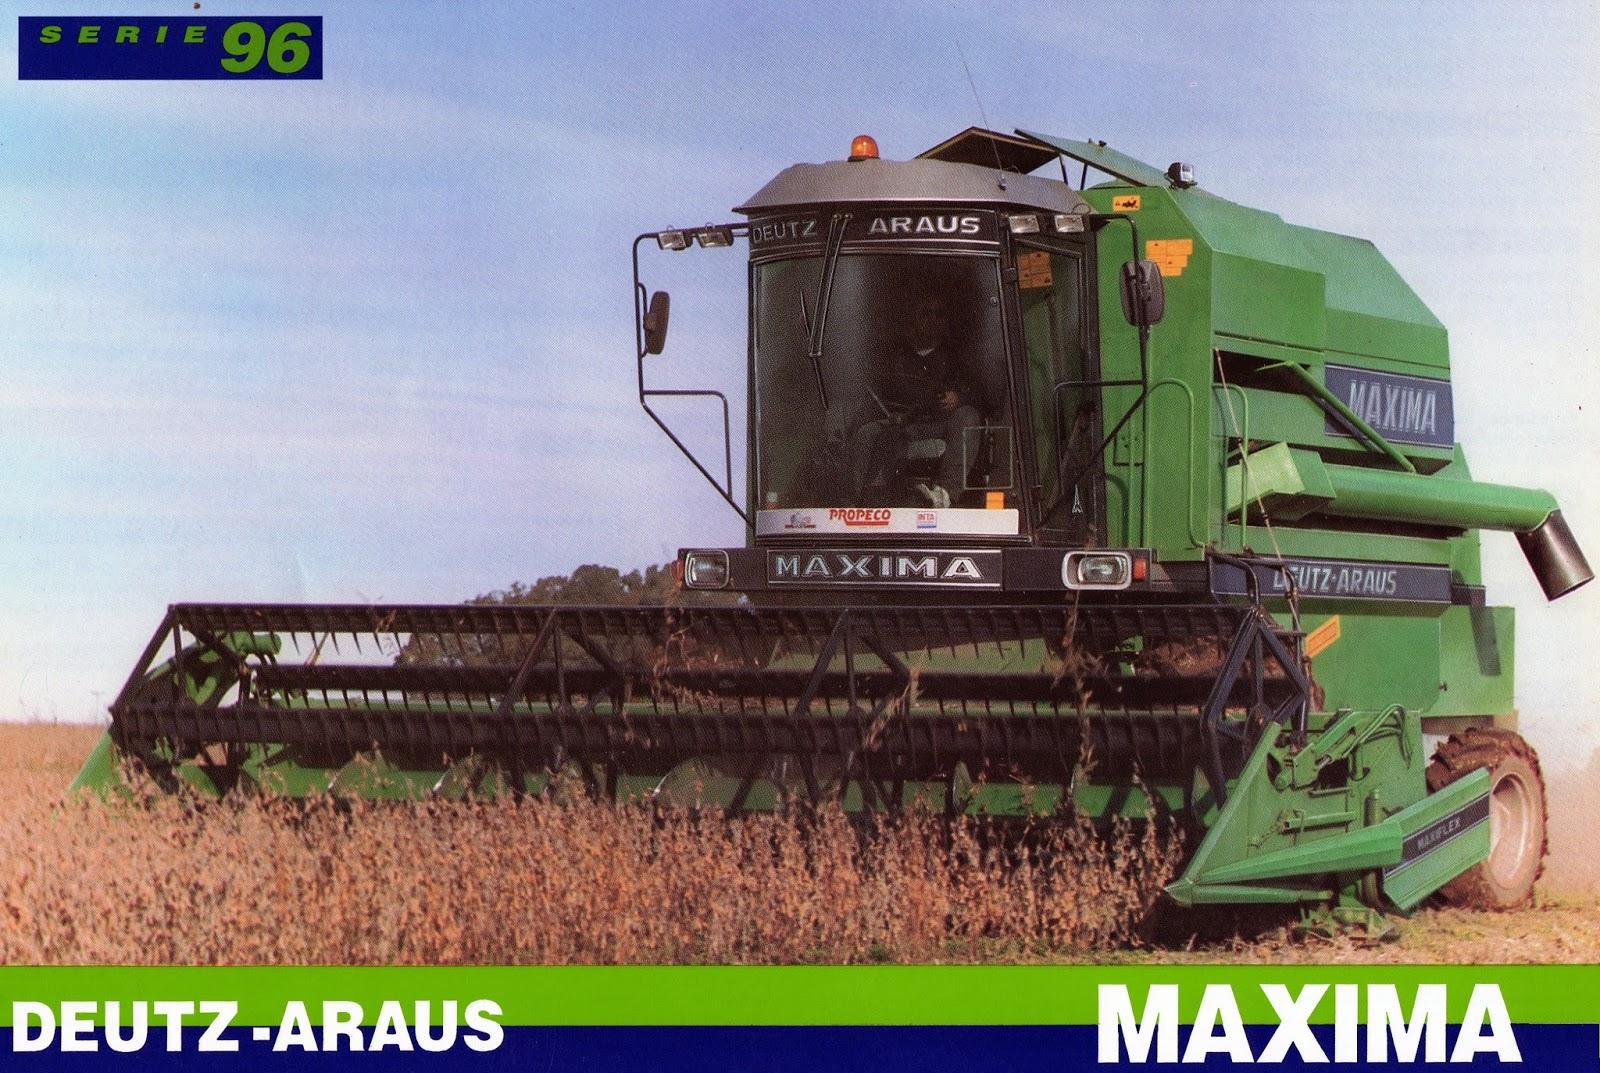 Deutz-Araus Maxima